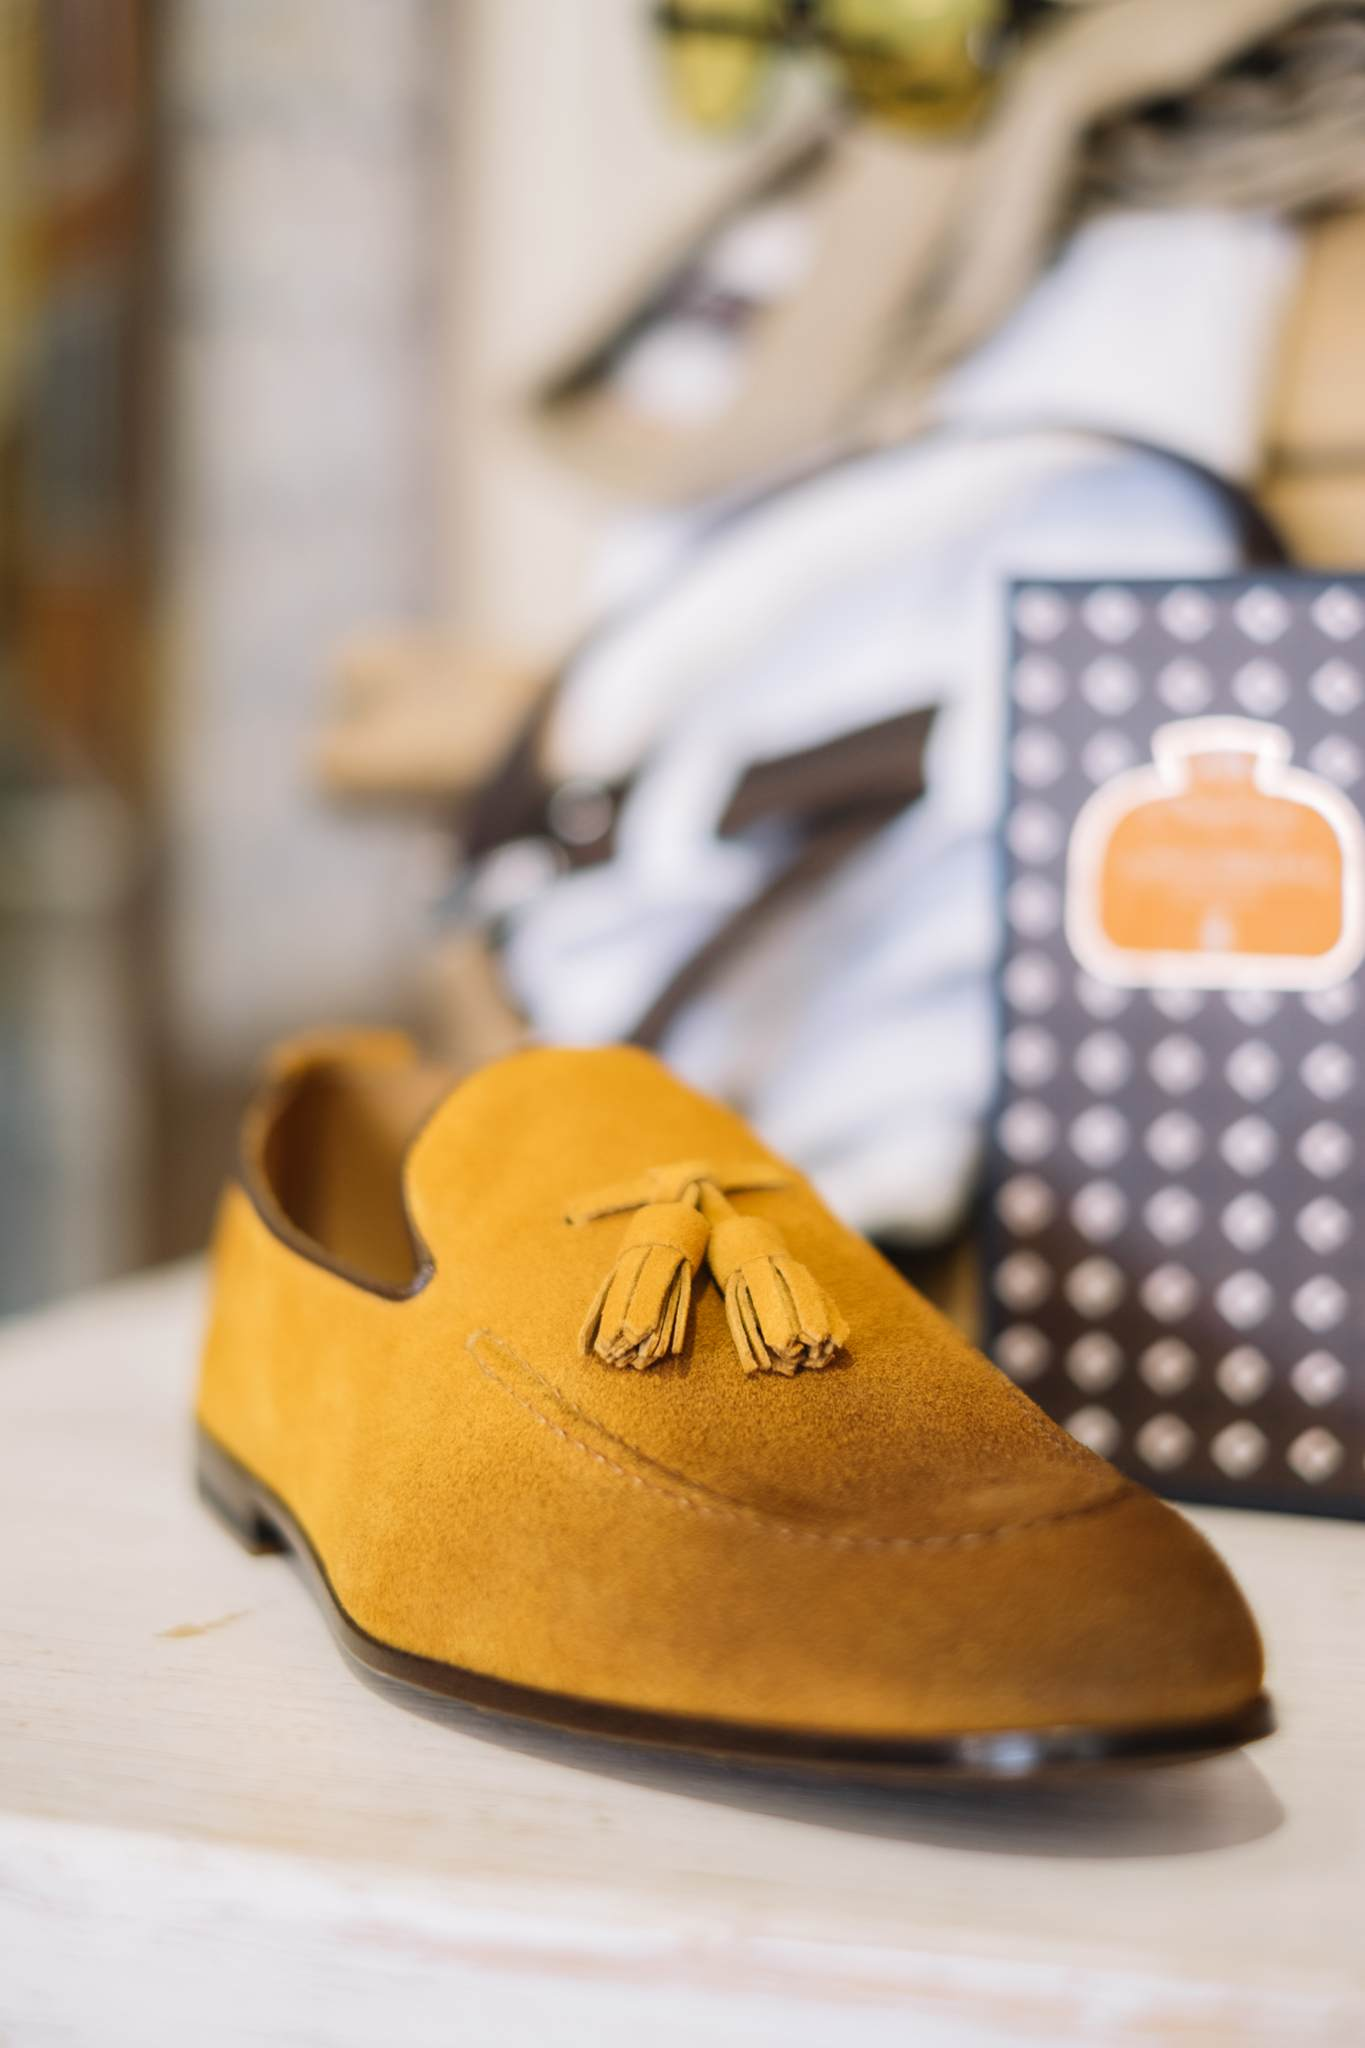 negozio scarpe uomo Venezia